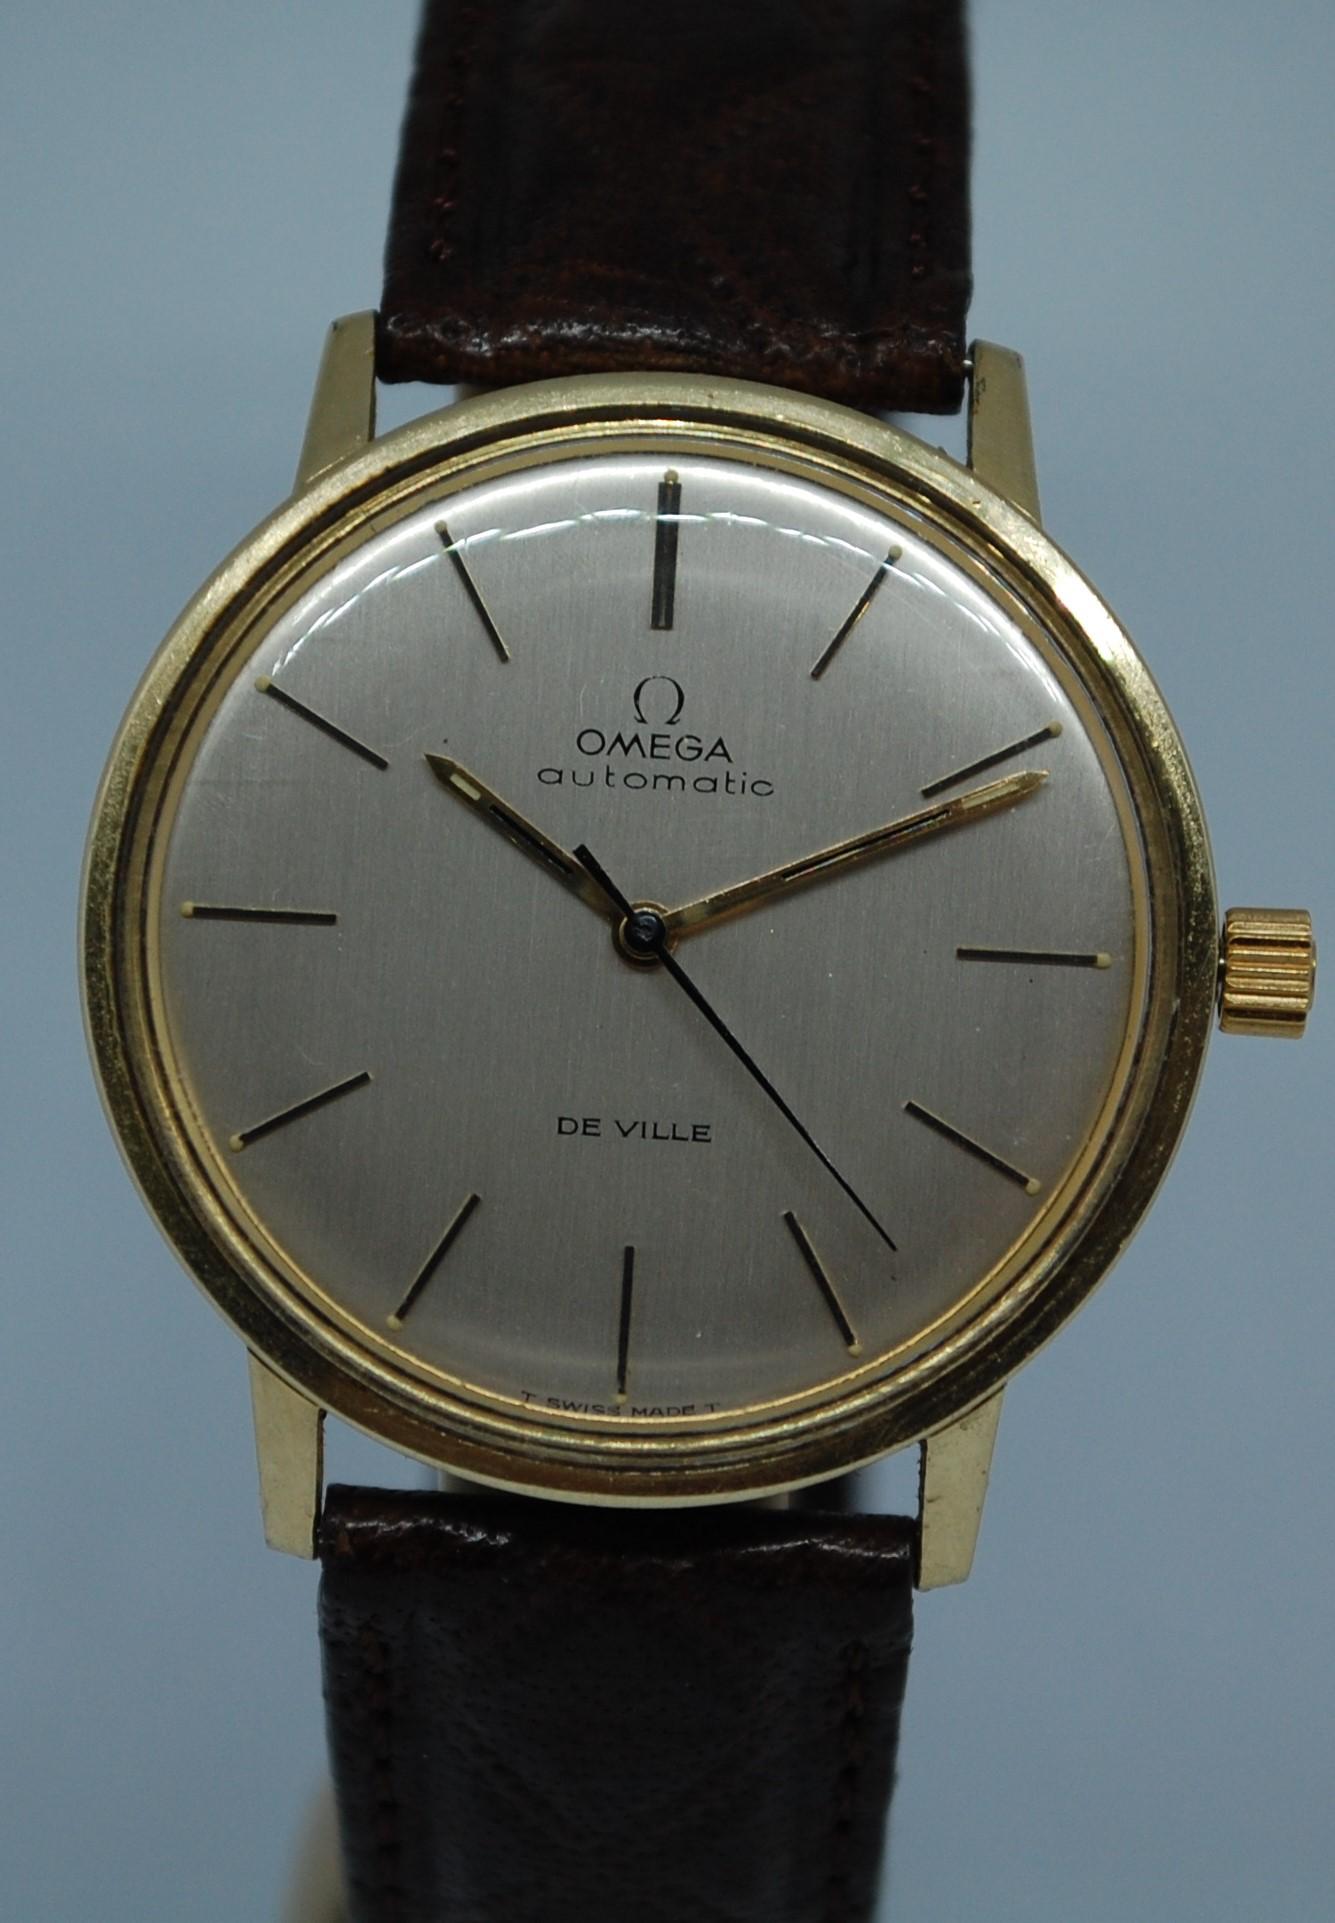 omega watch model number